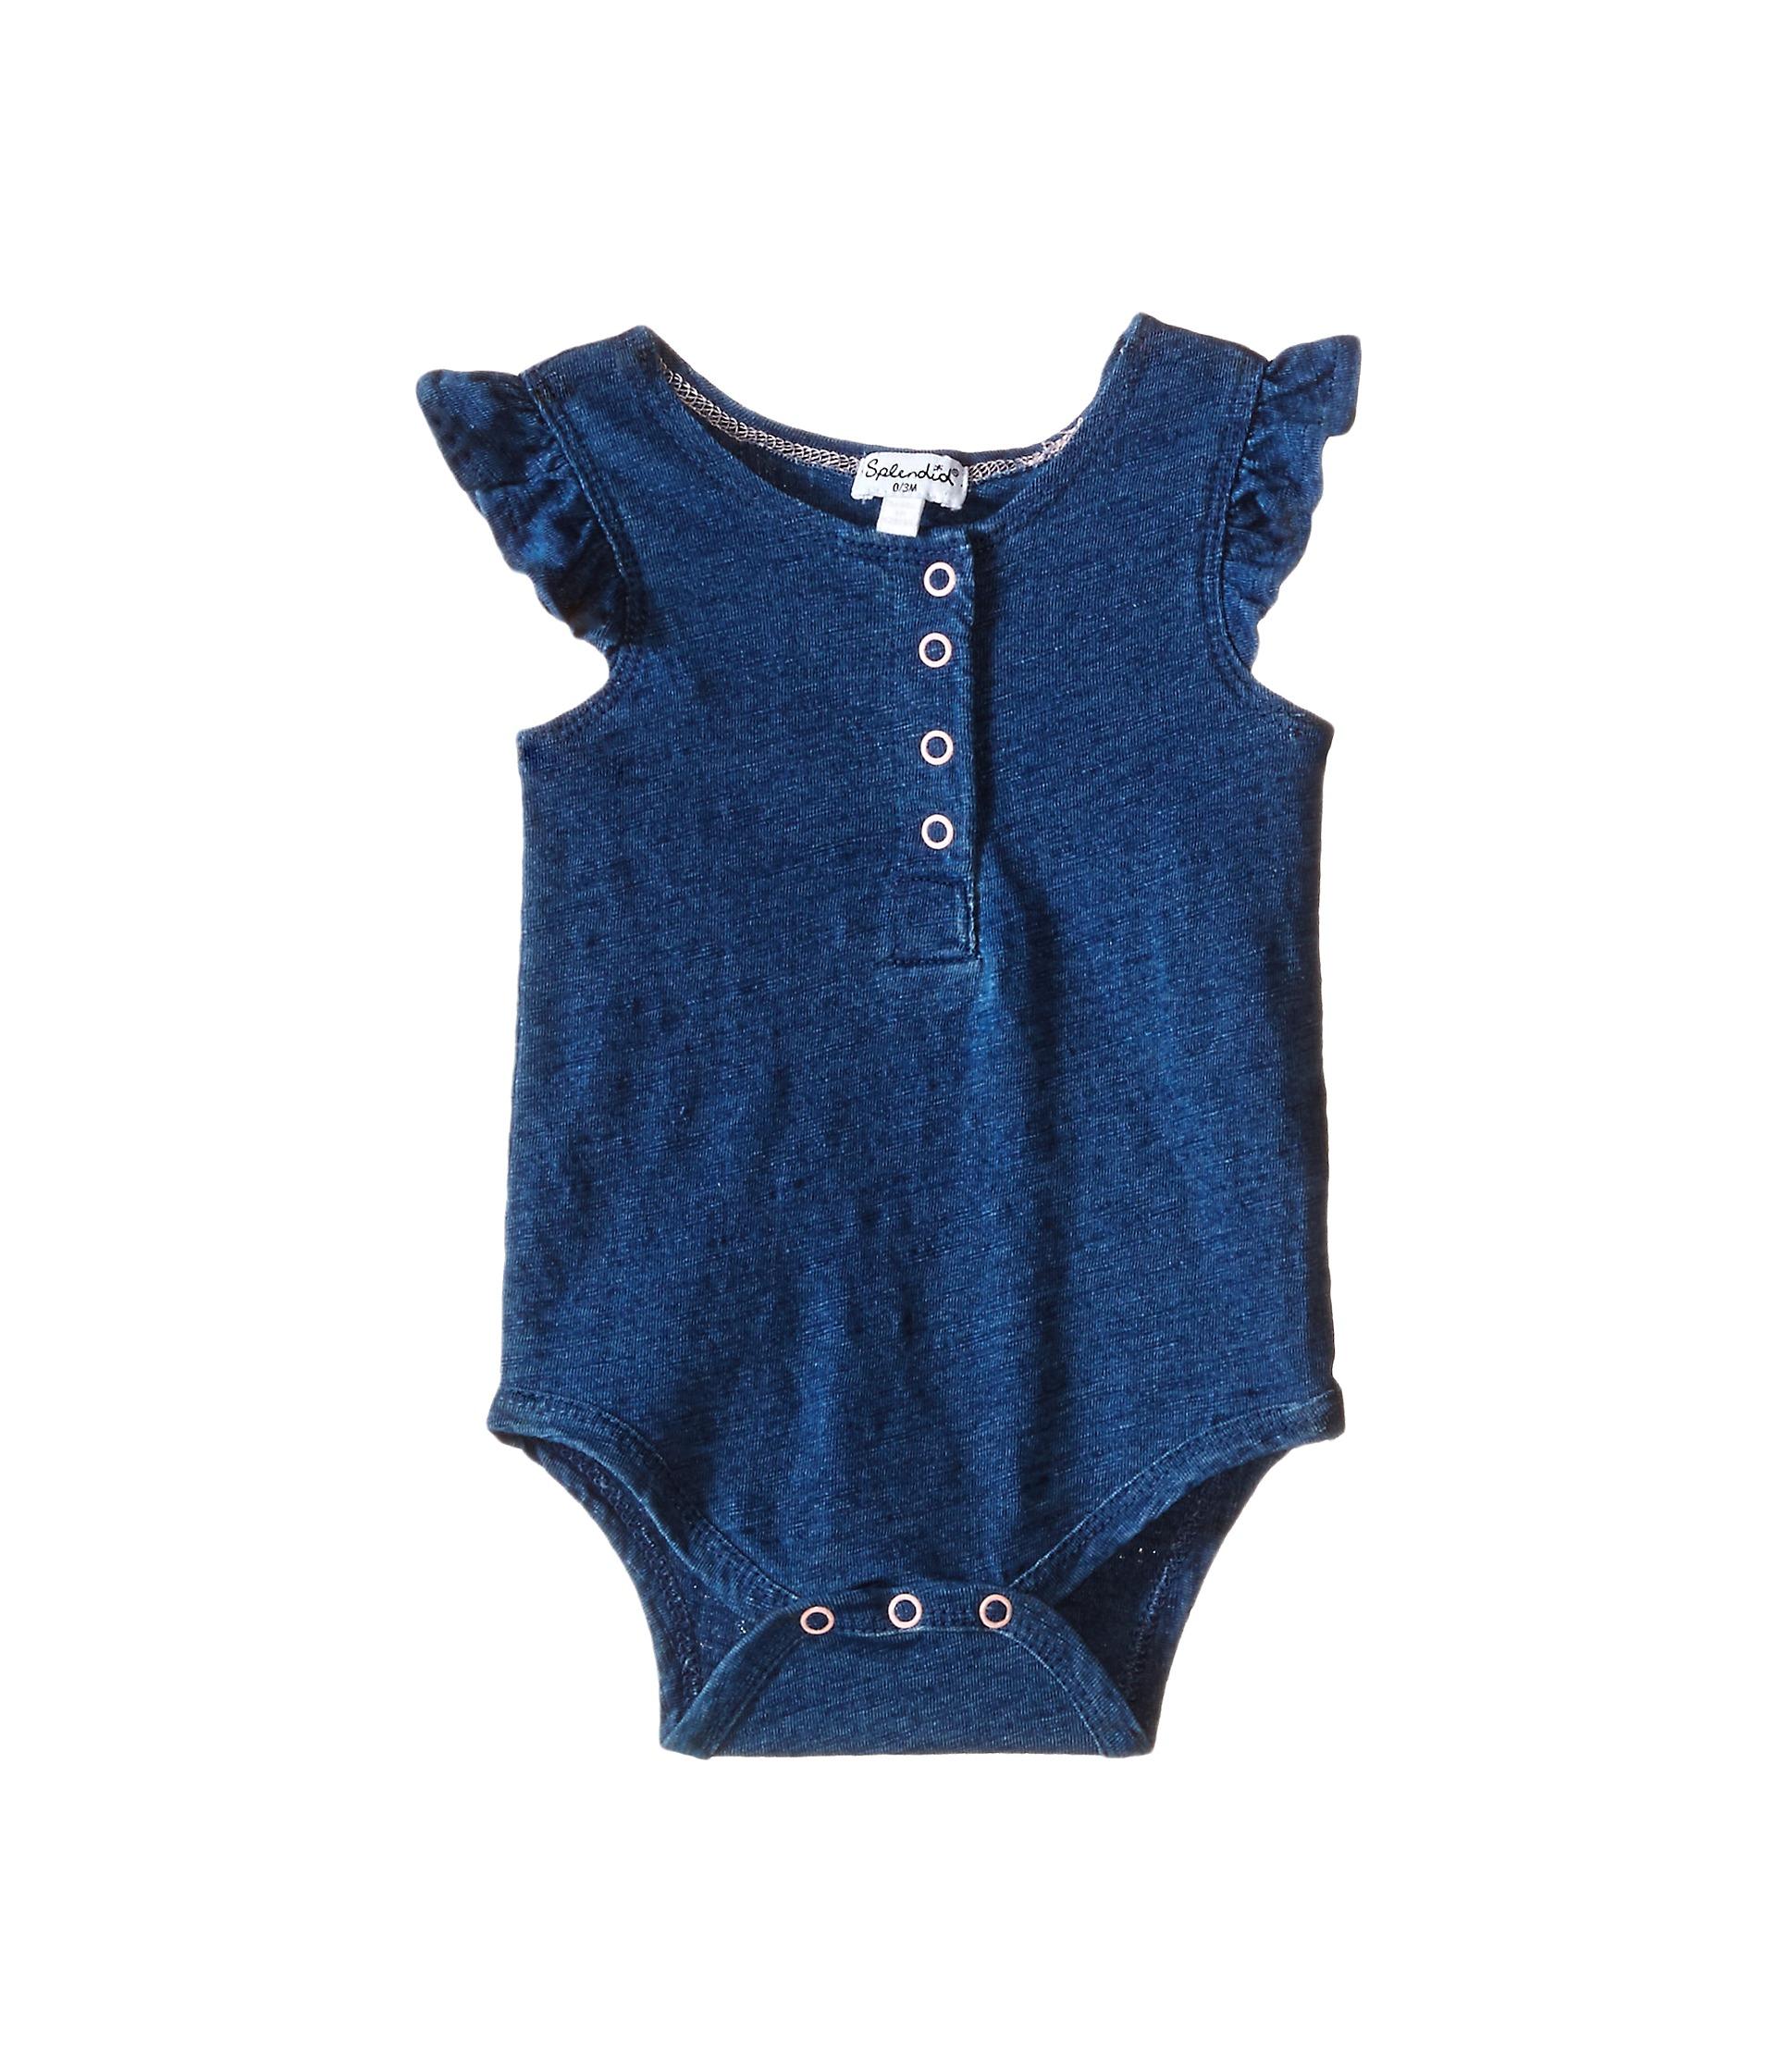 Splendid littles indigo henley ruffled sleeve bodysuit for Splendid infant